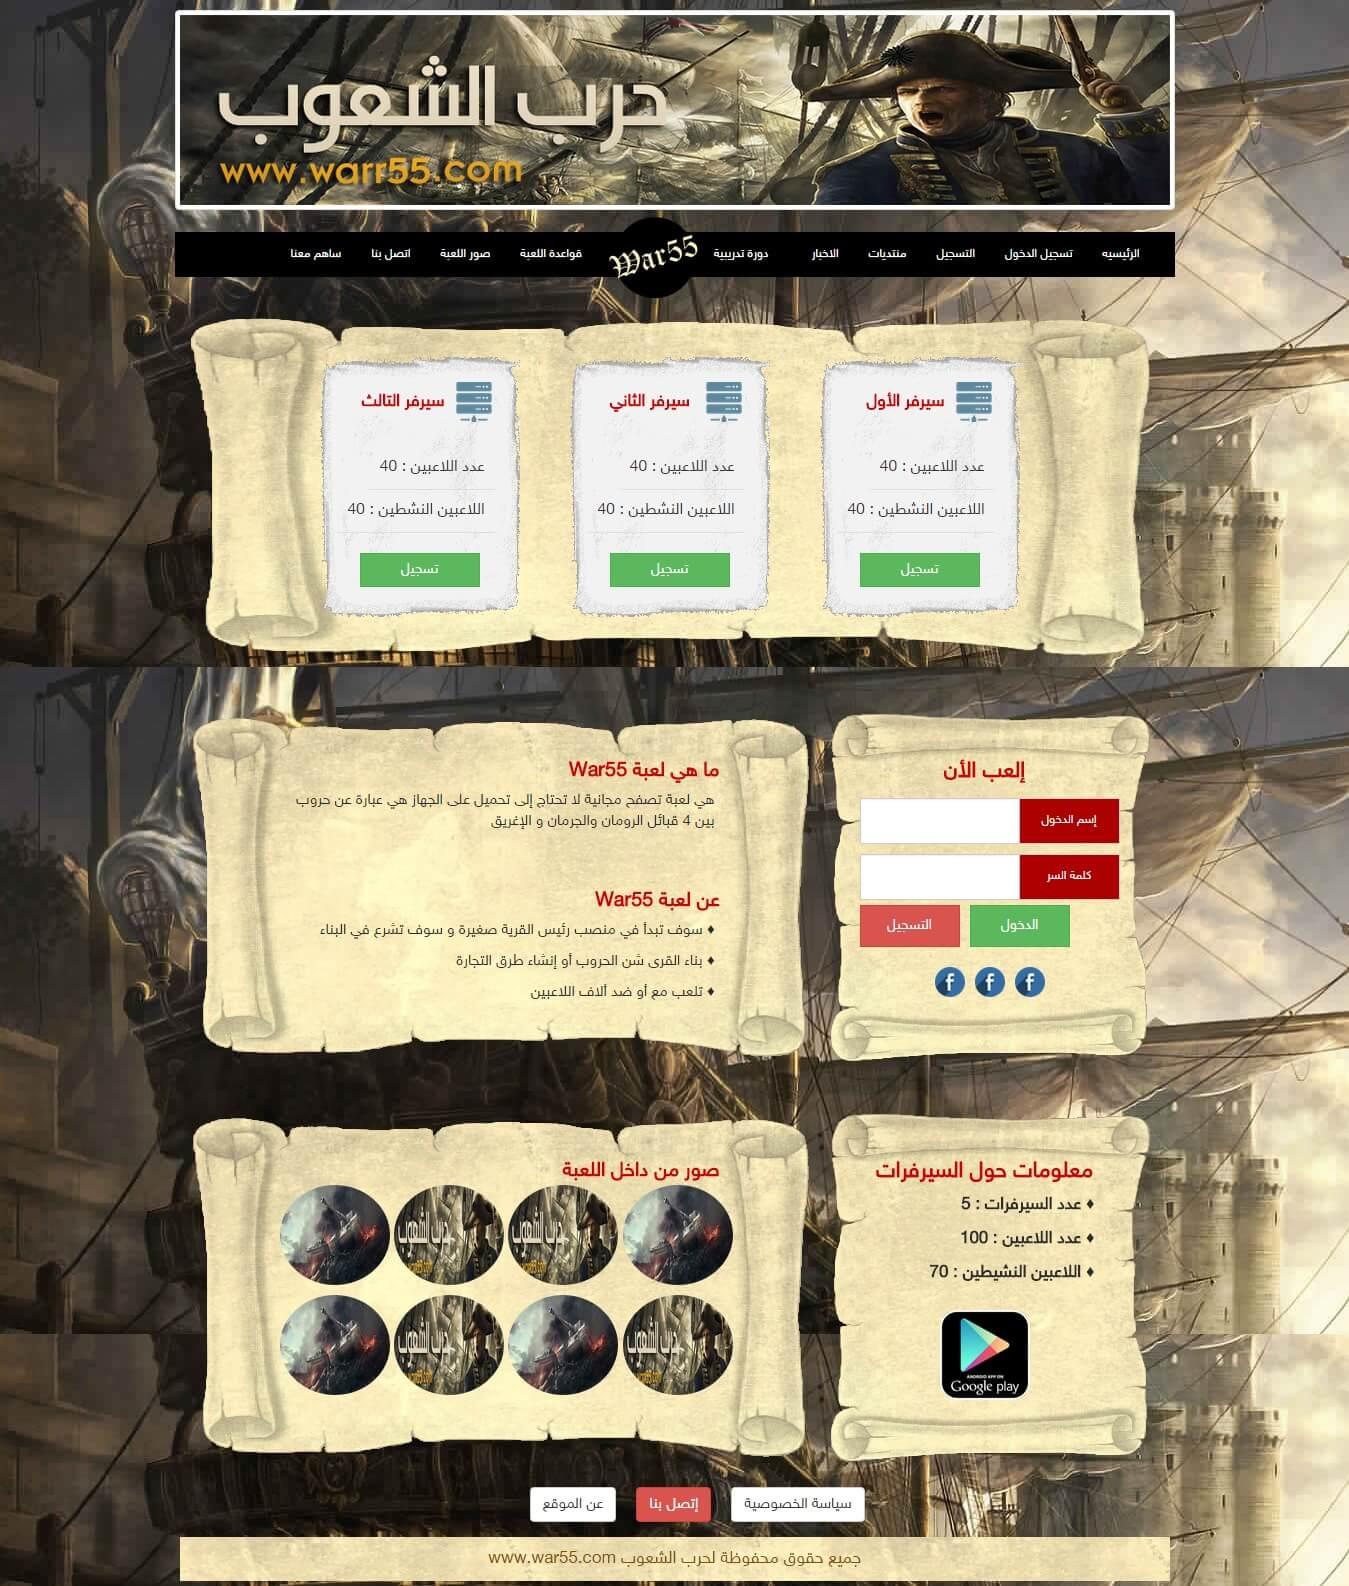 صفحة هبوط للعبة الحروب